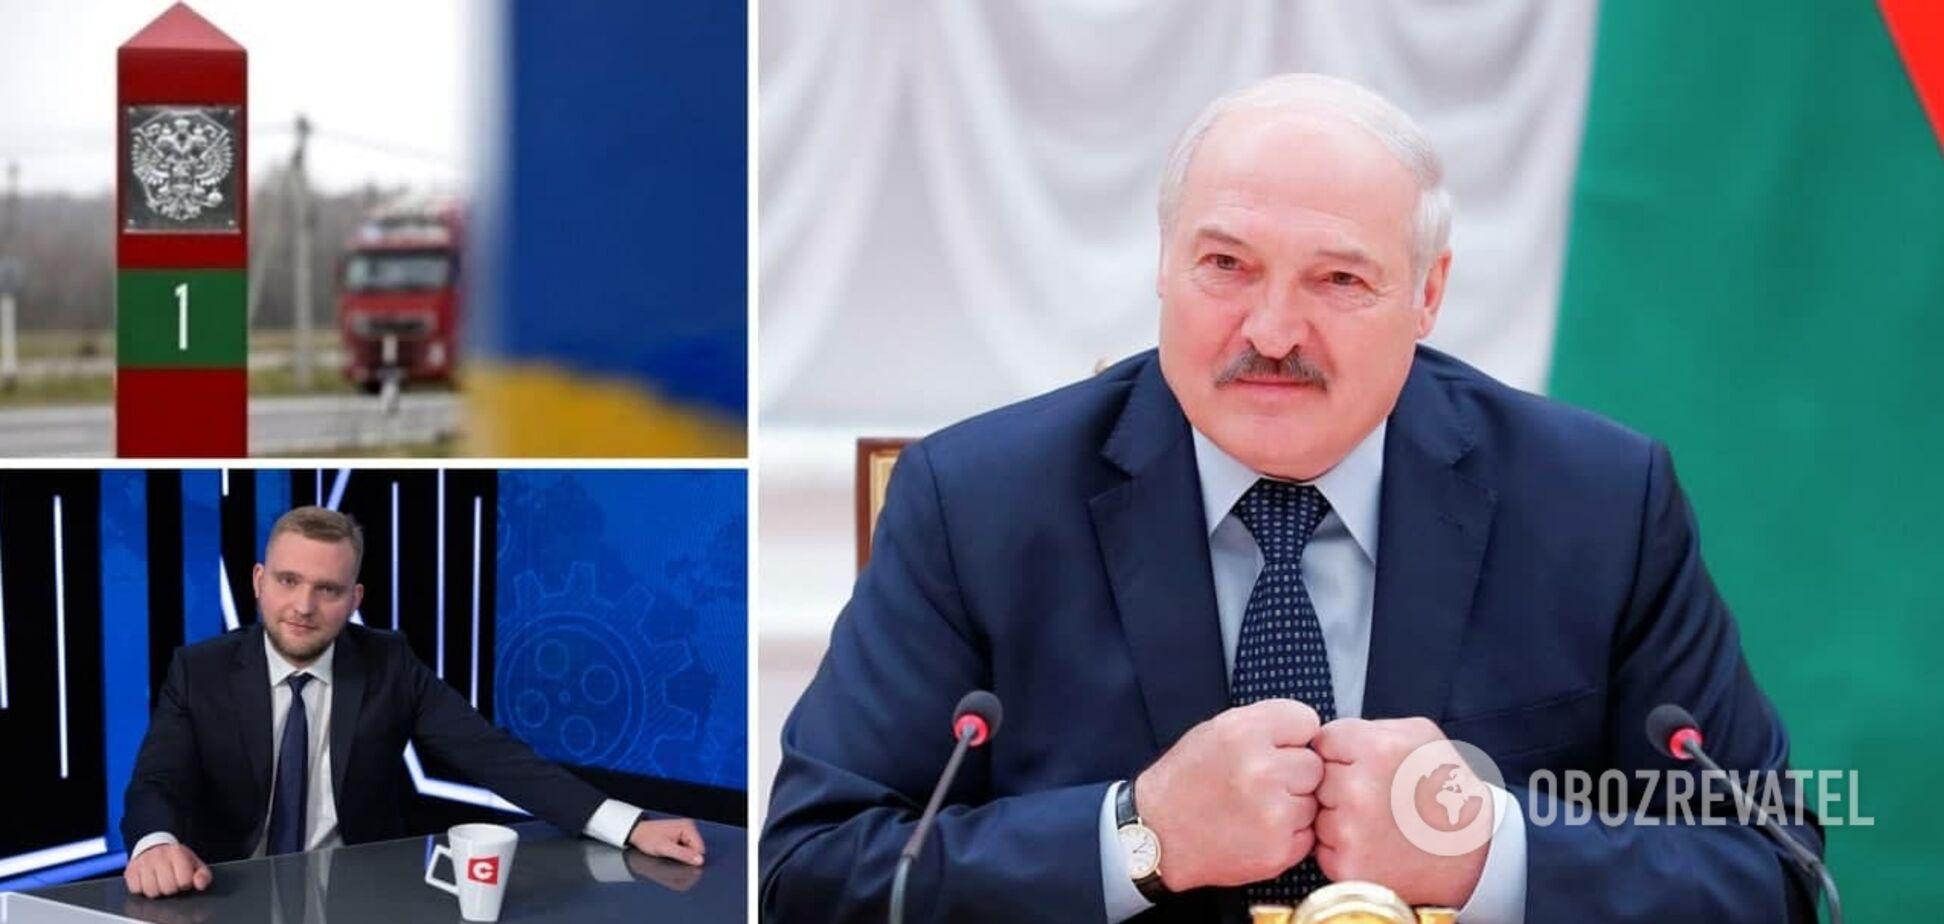 Лукашенко звинуватив Україну в тероризмі, заявив про контрабанду зброї і замах на пропагандиста: що наговорив диктатор